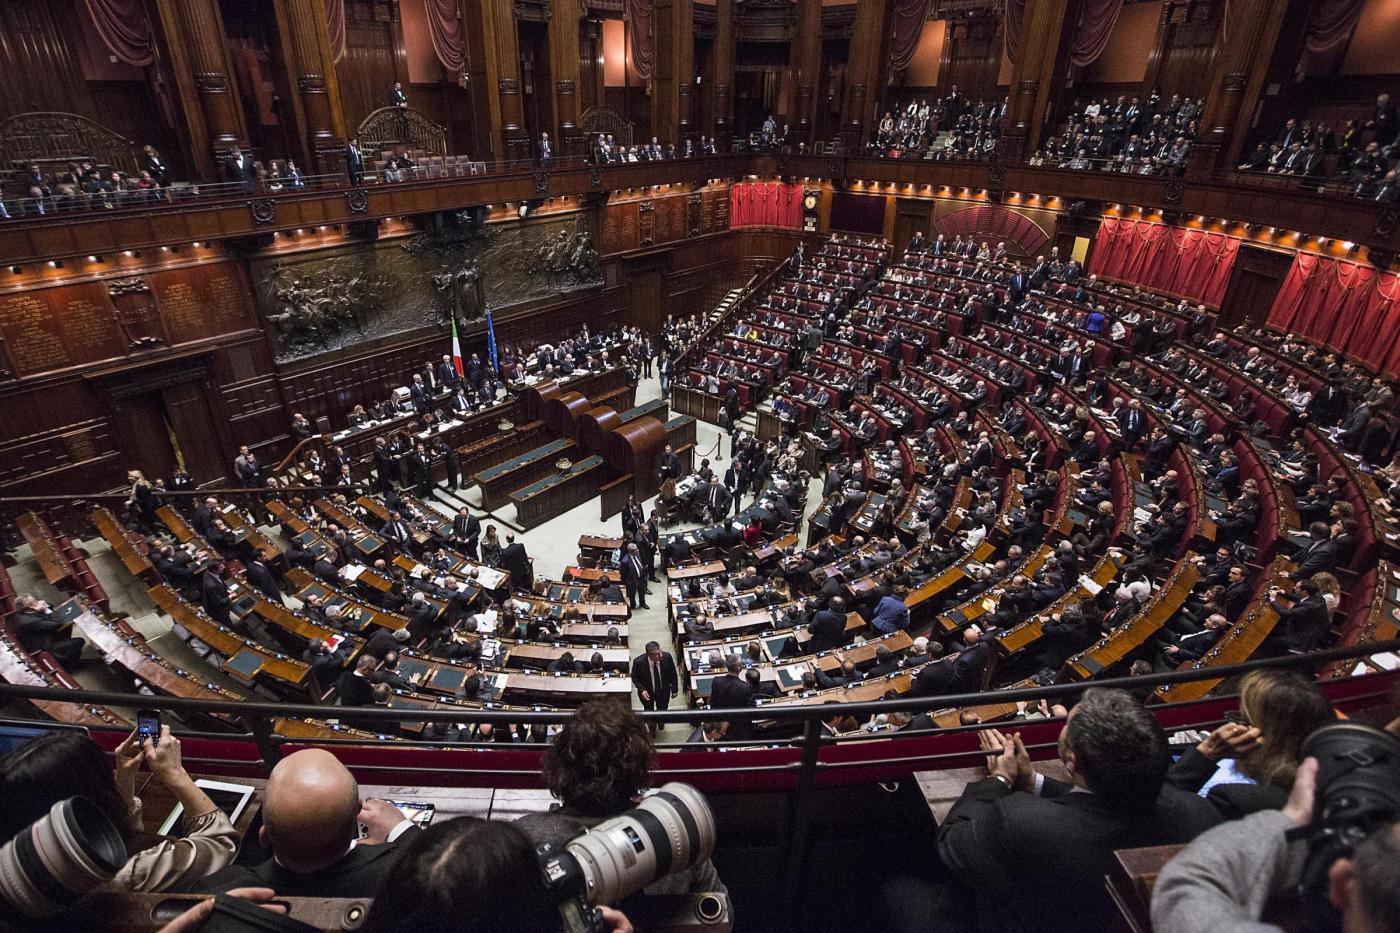 Franco brugnola in discussione oggi alla camera la legge for Video camera dei deputati oggi